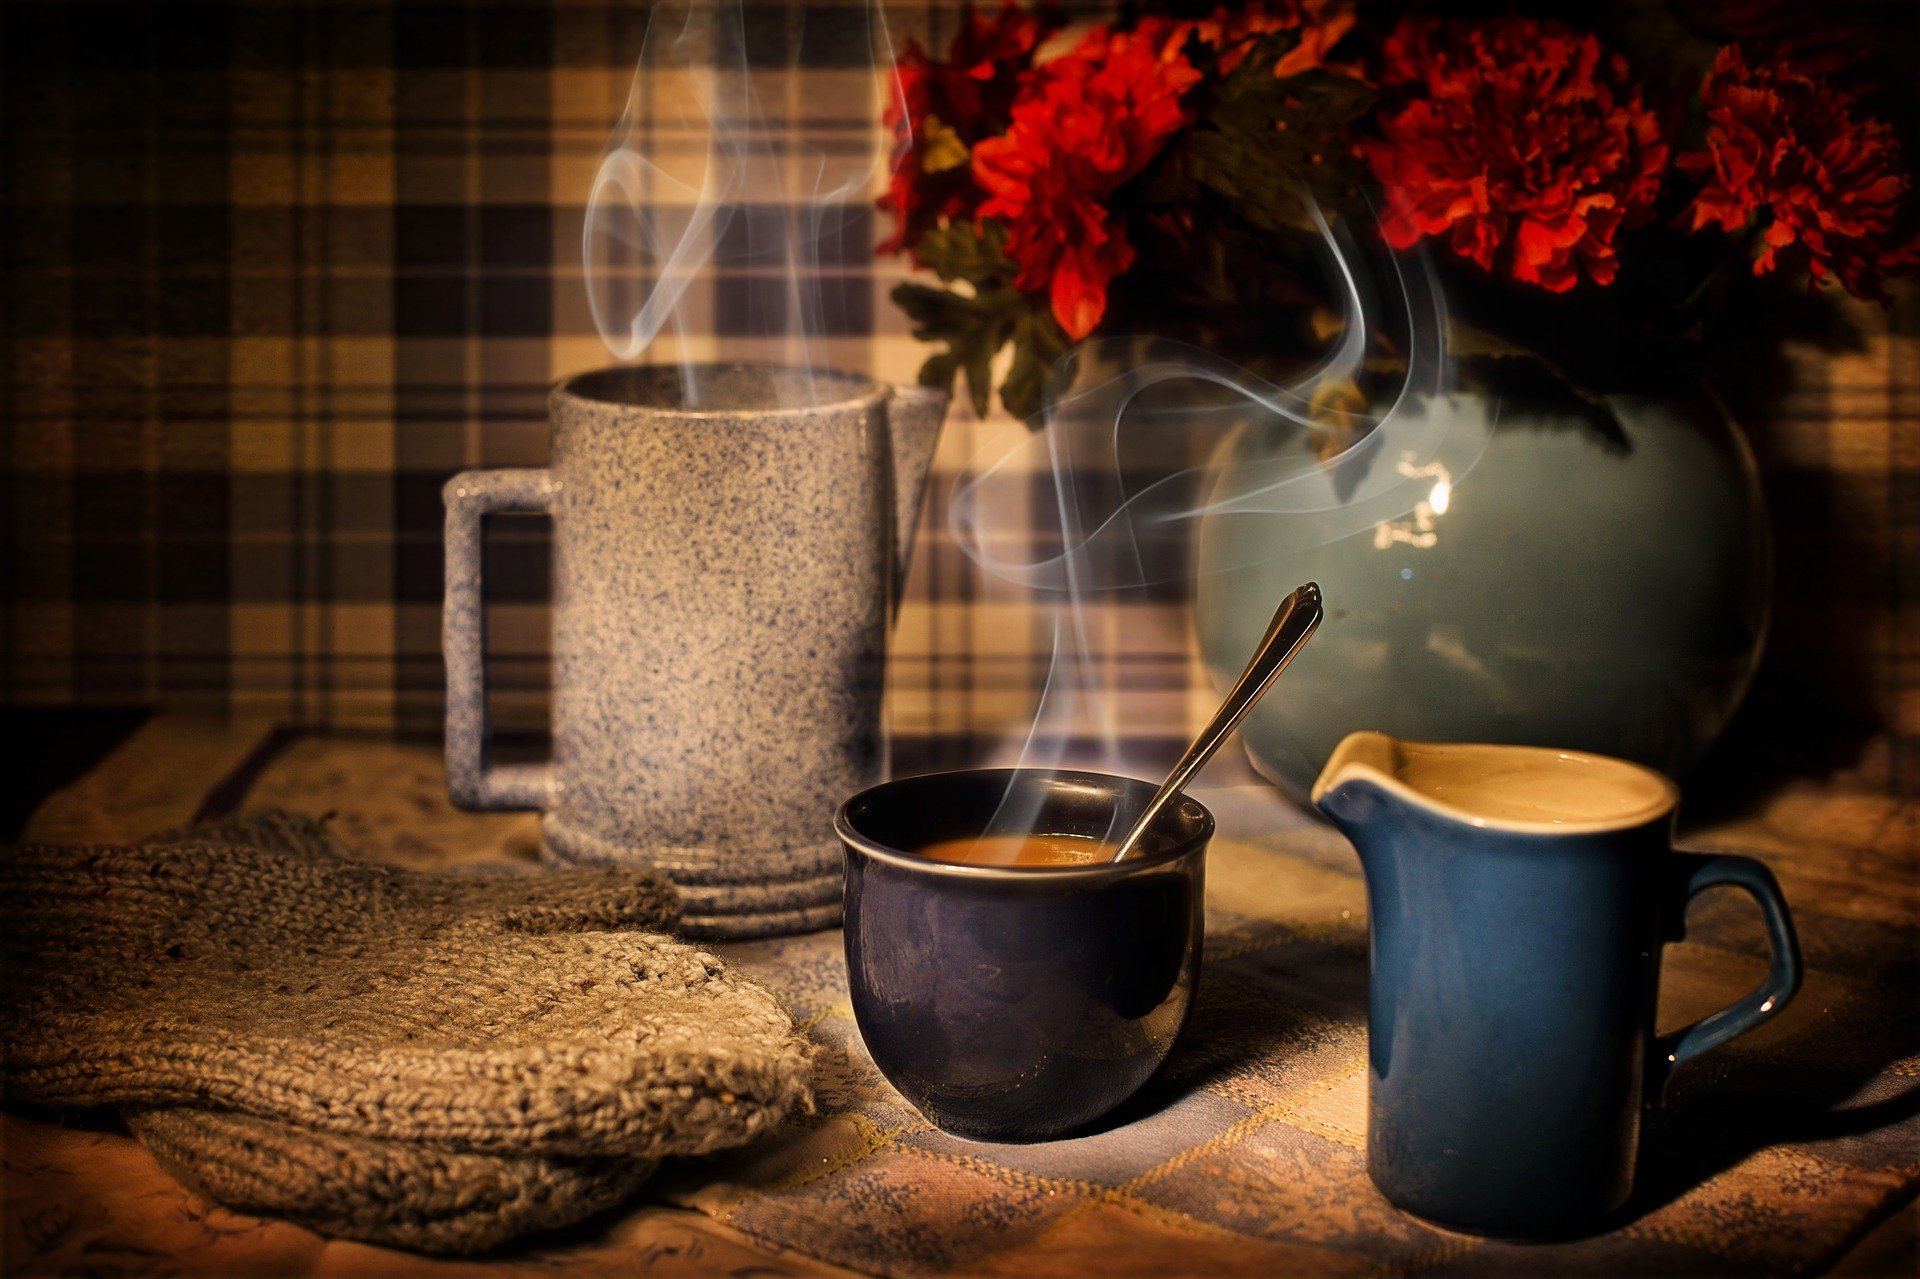 Потребление кофе увеличивает продолжительность жизни.